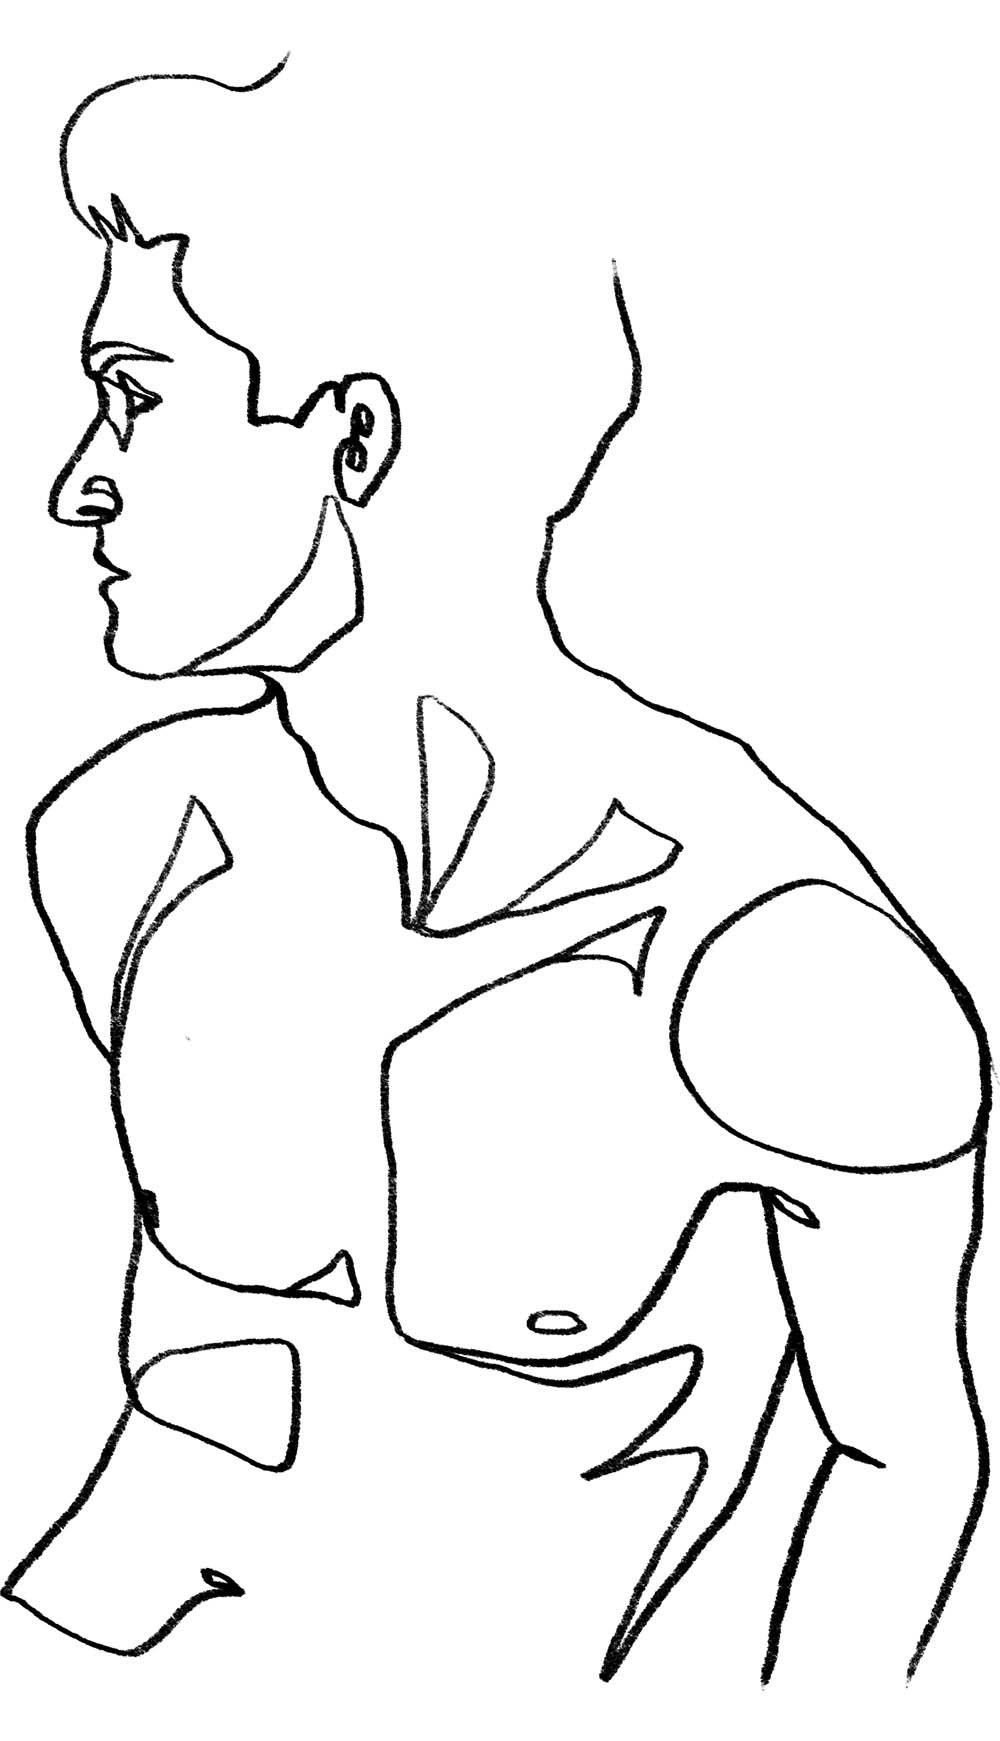 tips for massaging